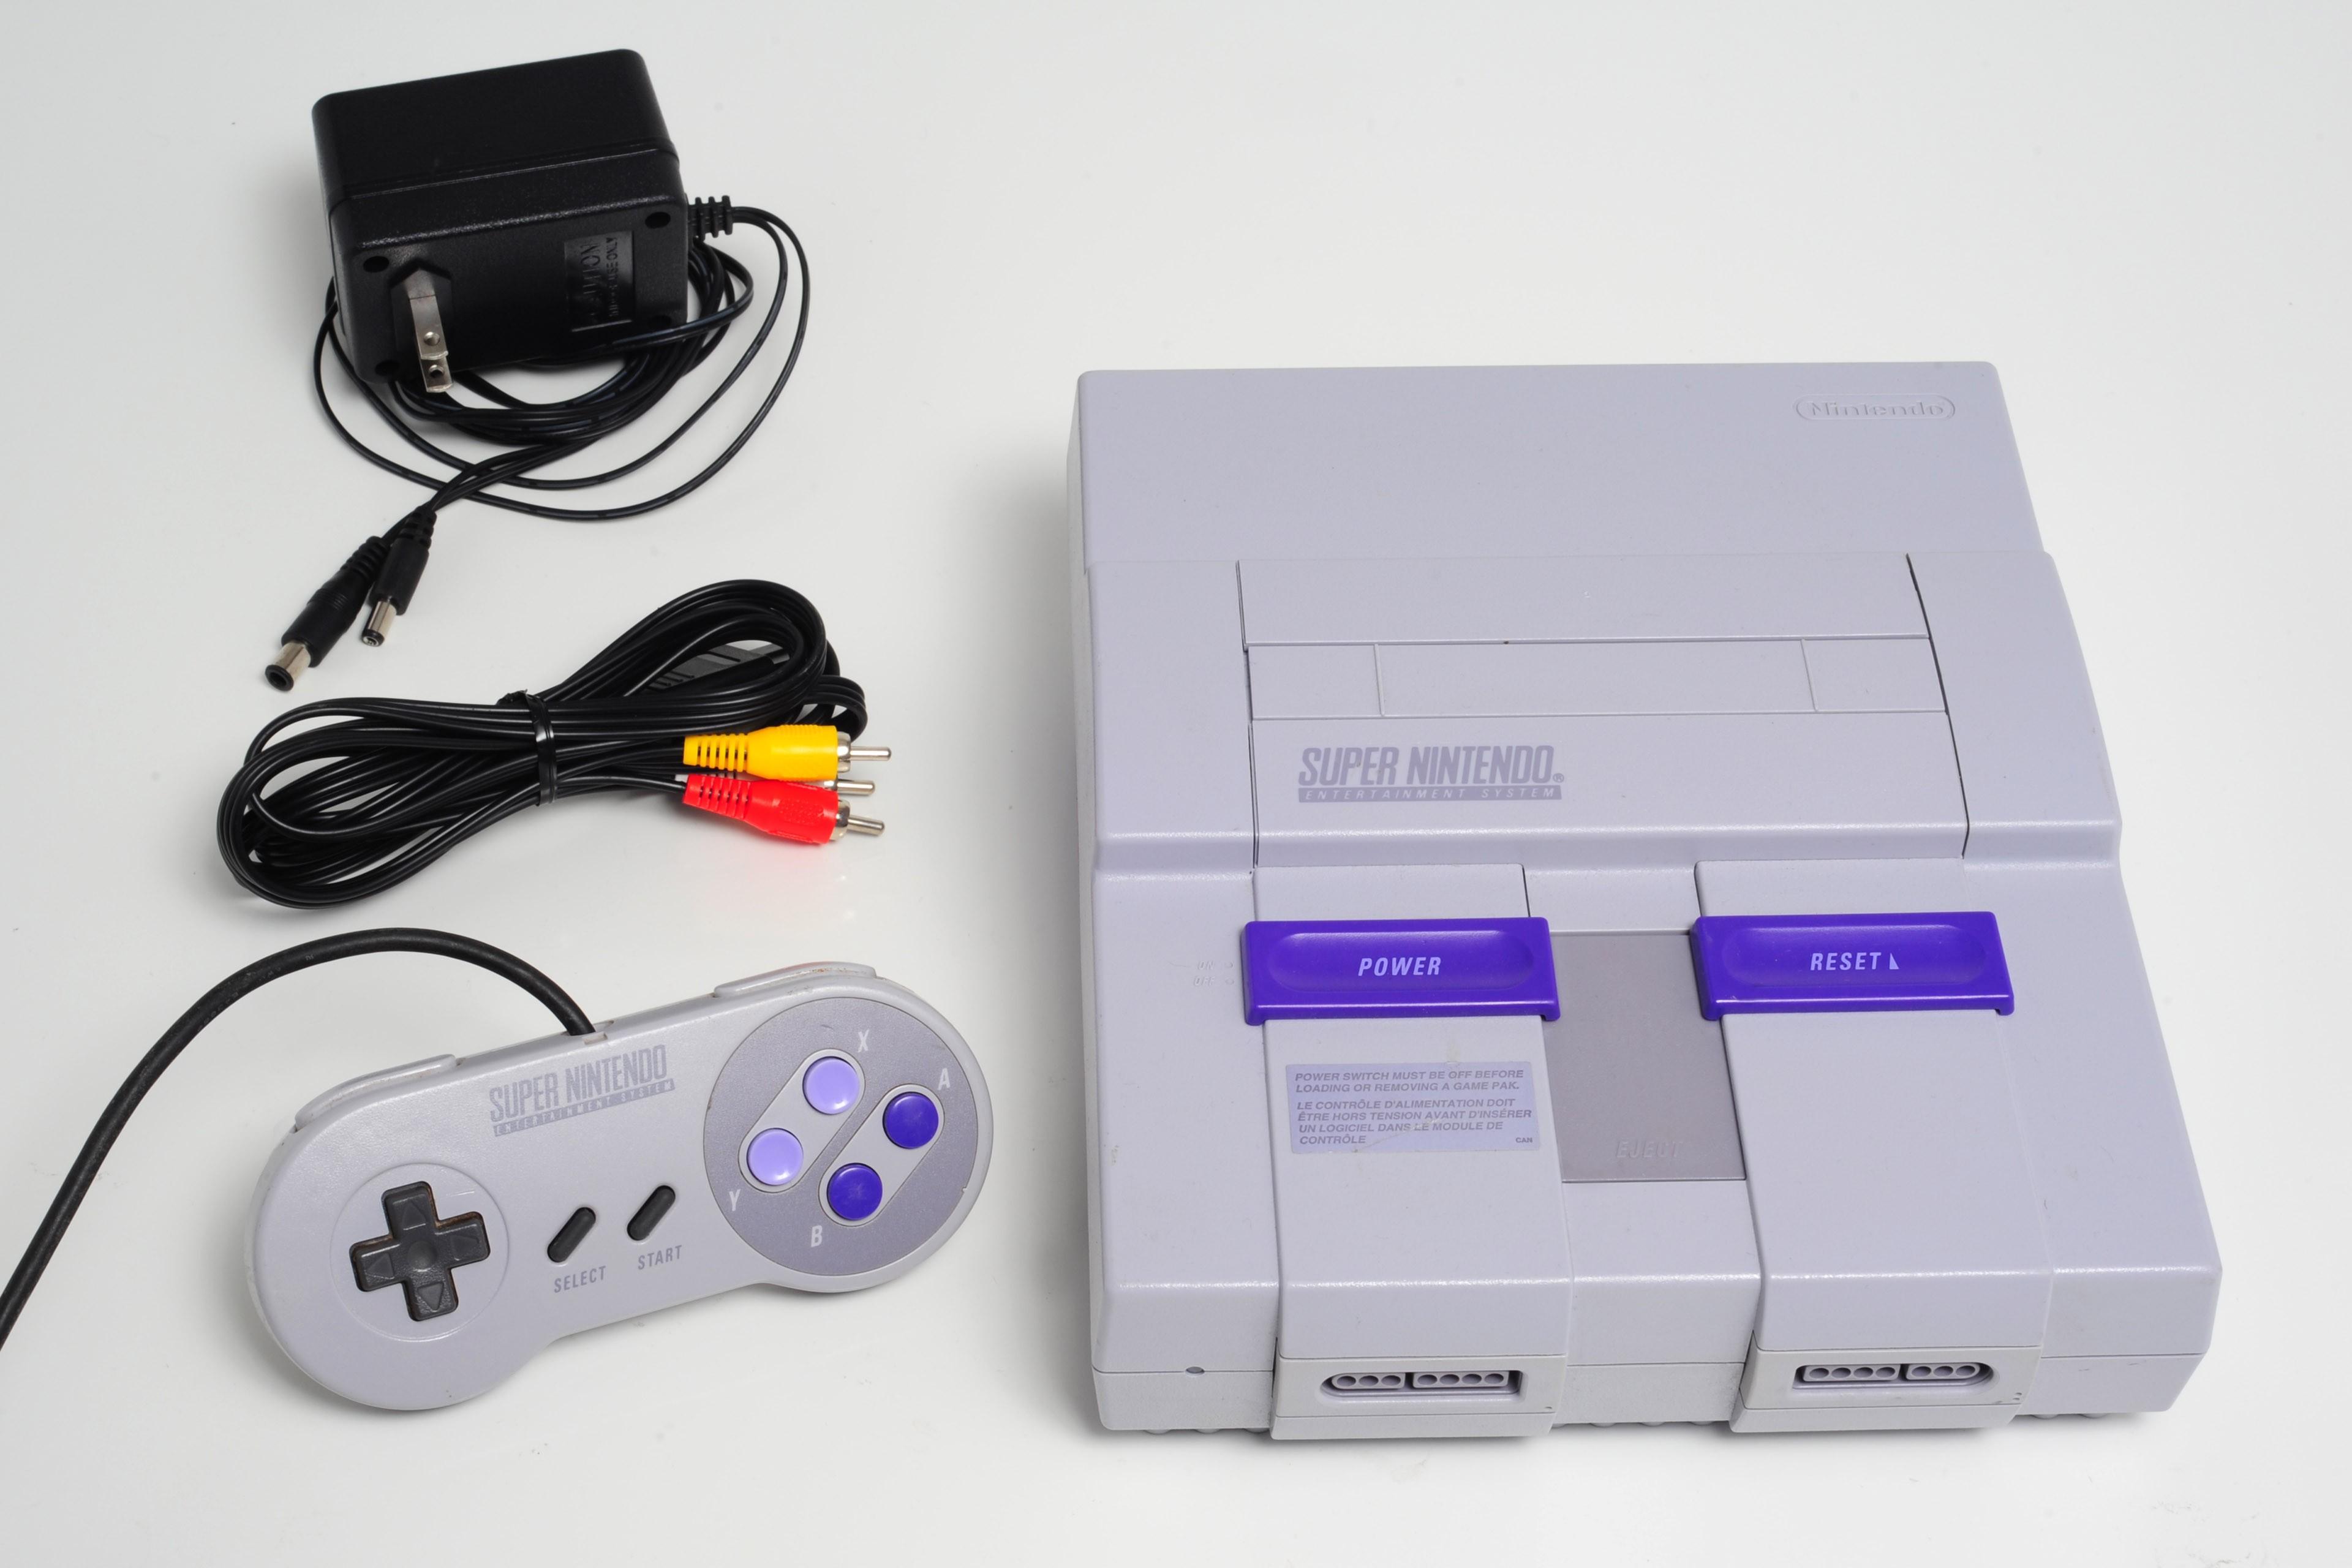 Console complète Nintendo SNES Super Nintendo avec manette et fils